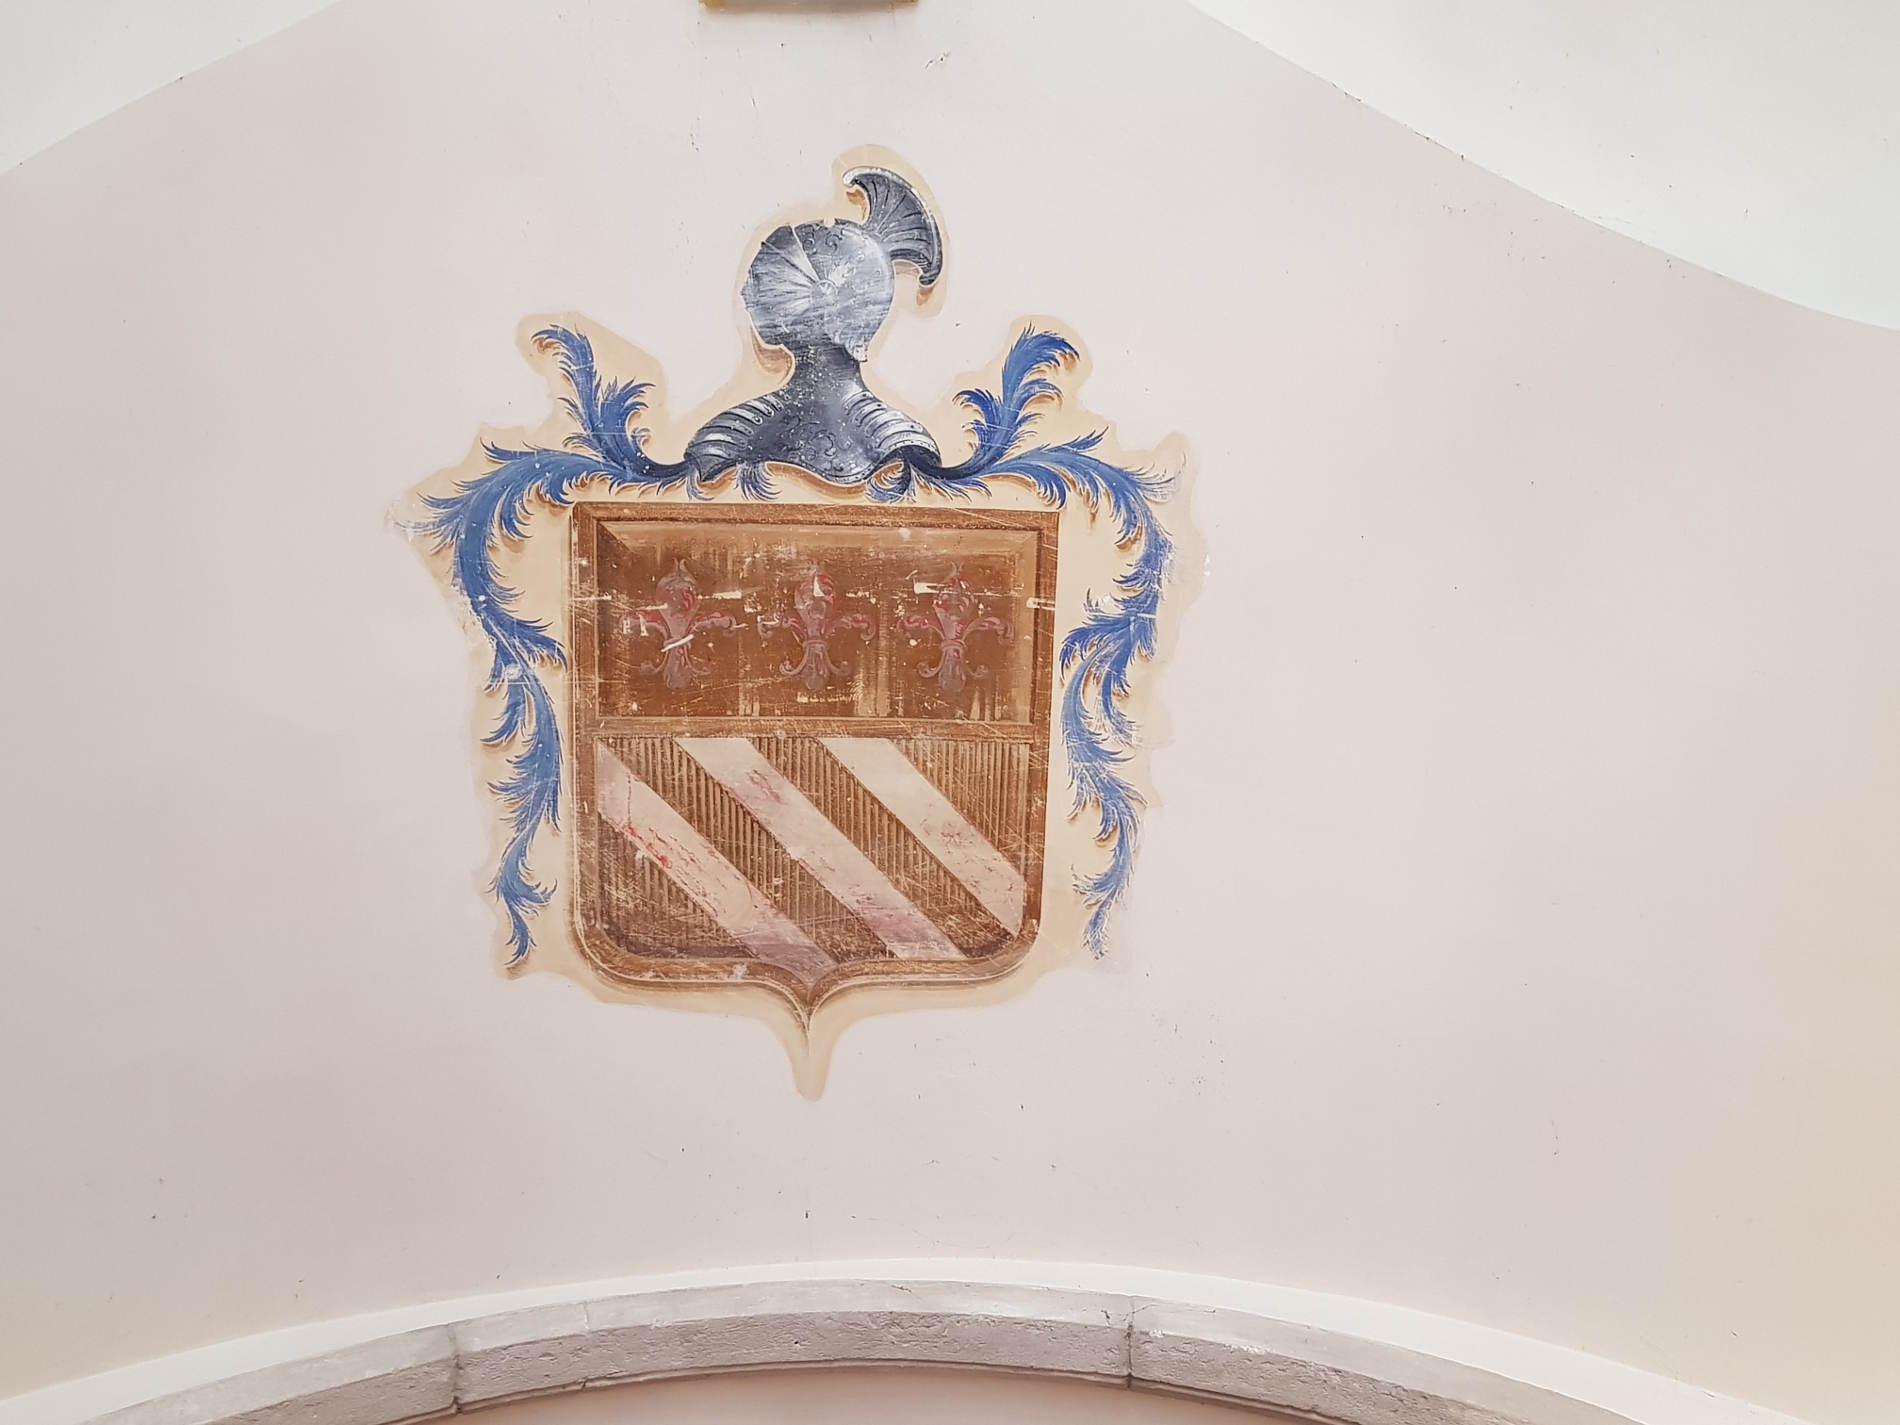 Stemma Familiare sulle volte del Palazzo Del Trono a Cetraro - Sede Museo dei brettii e del mare